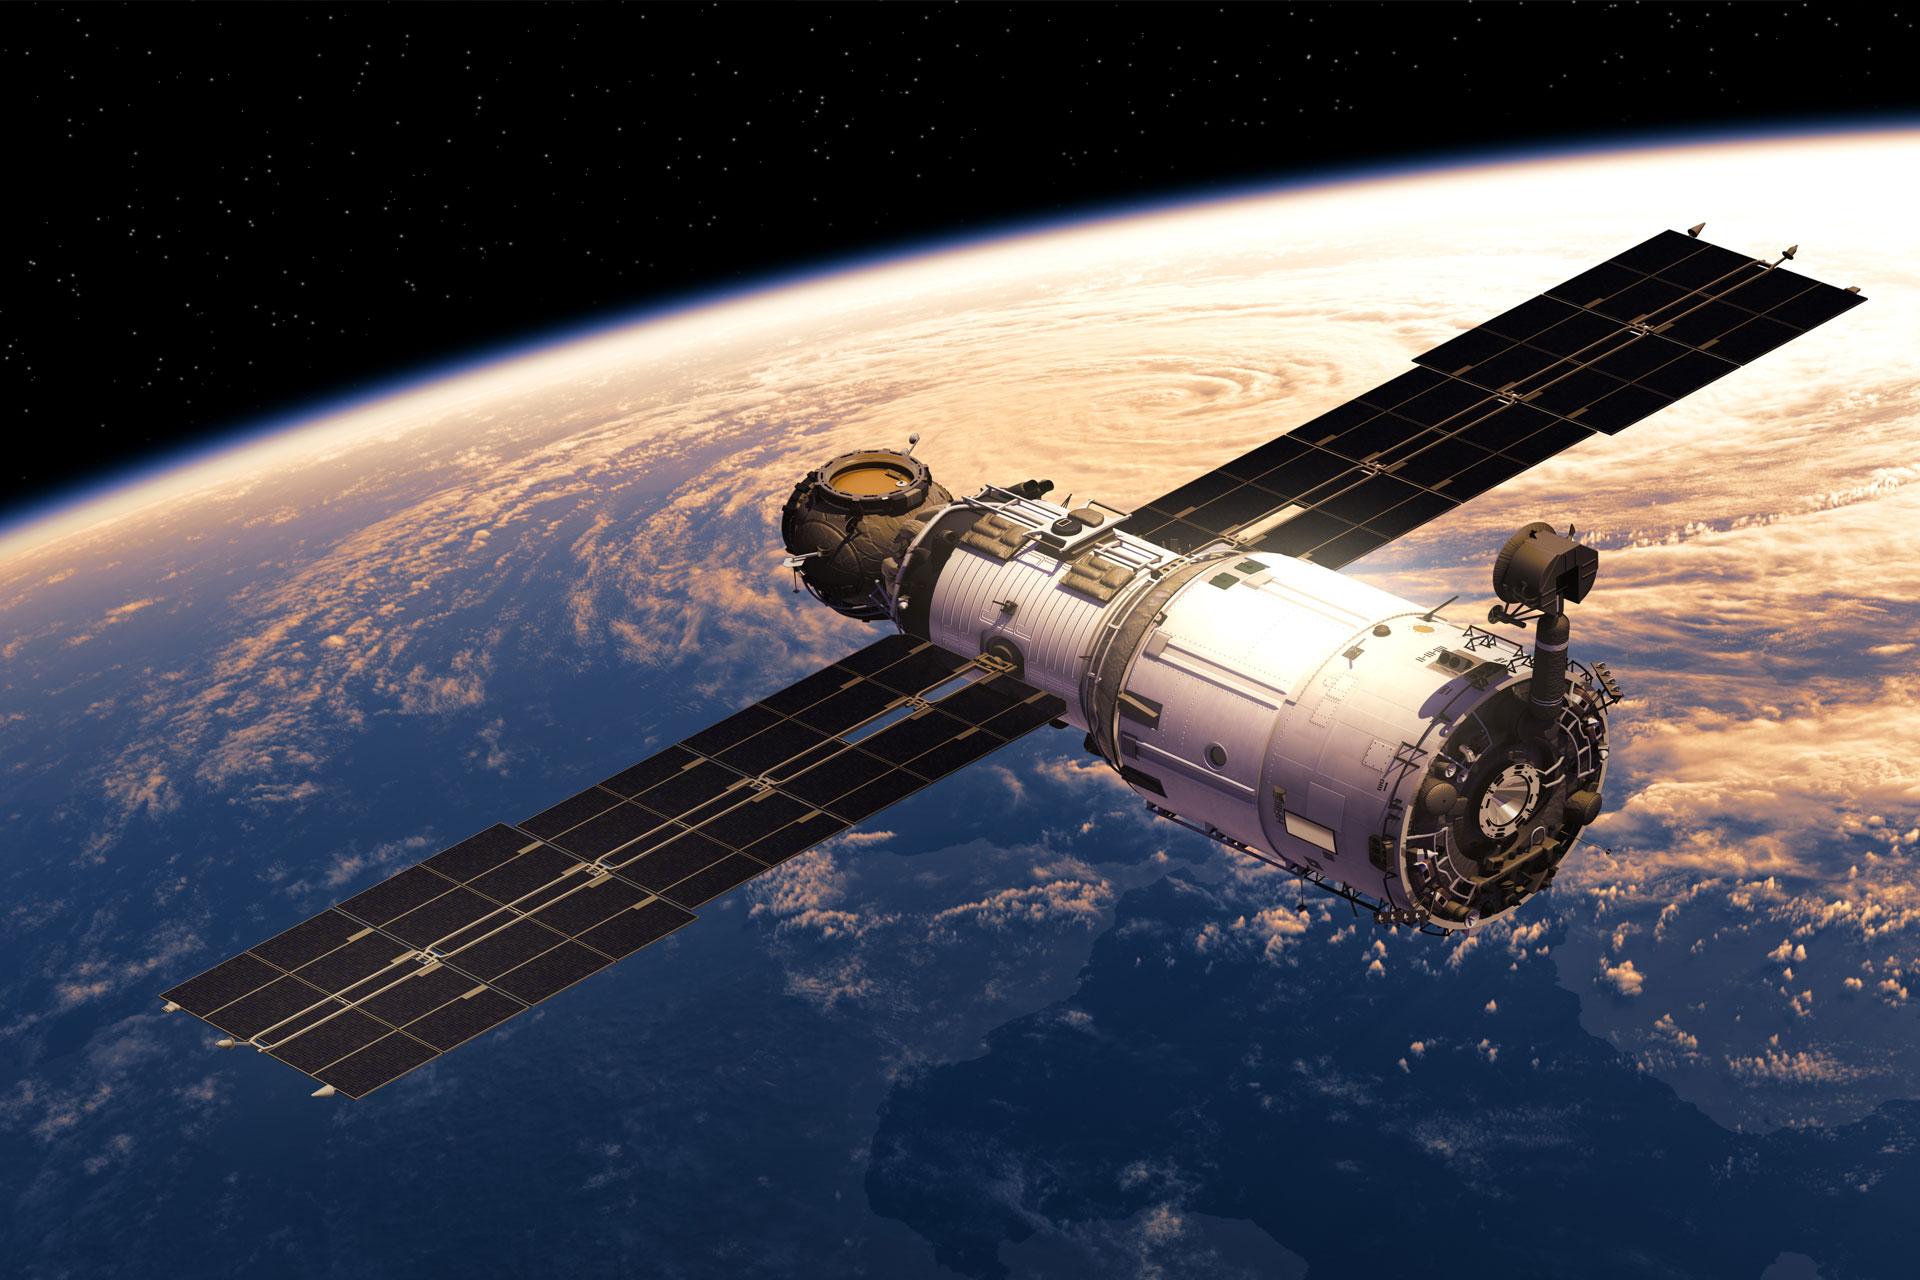 帝国理工工程学在线夏校与国际空间站设计挑战